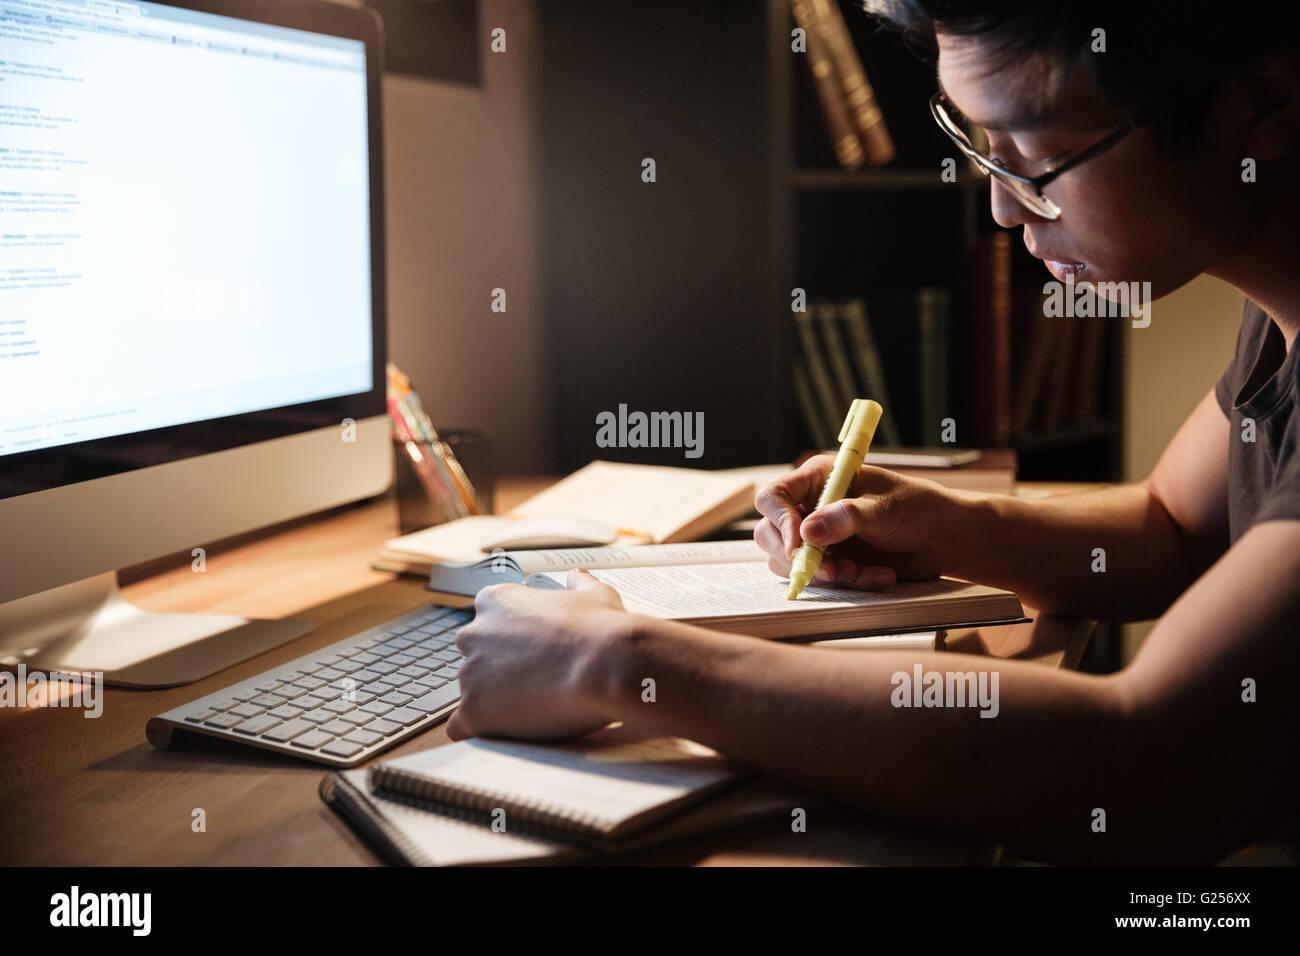 Schweren asiatischen jungen Mann mit Bücher und Computer im dunklen Raum zu Hause studieren Stockbild